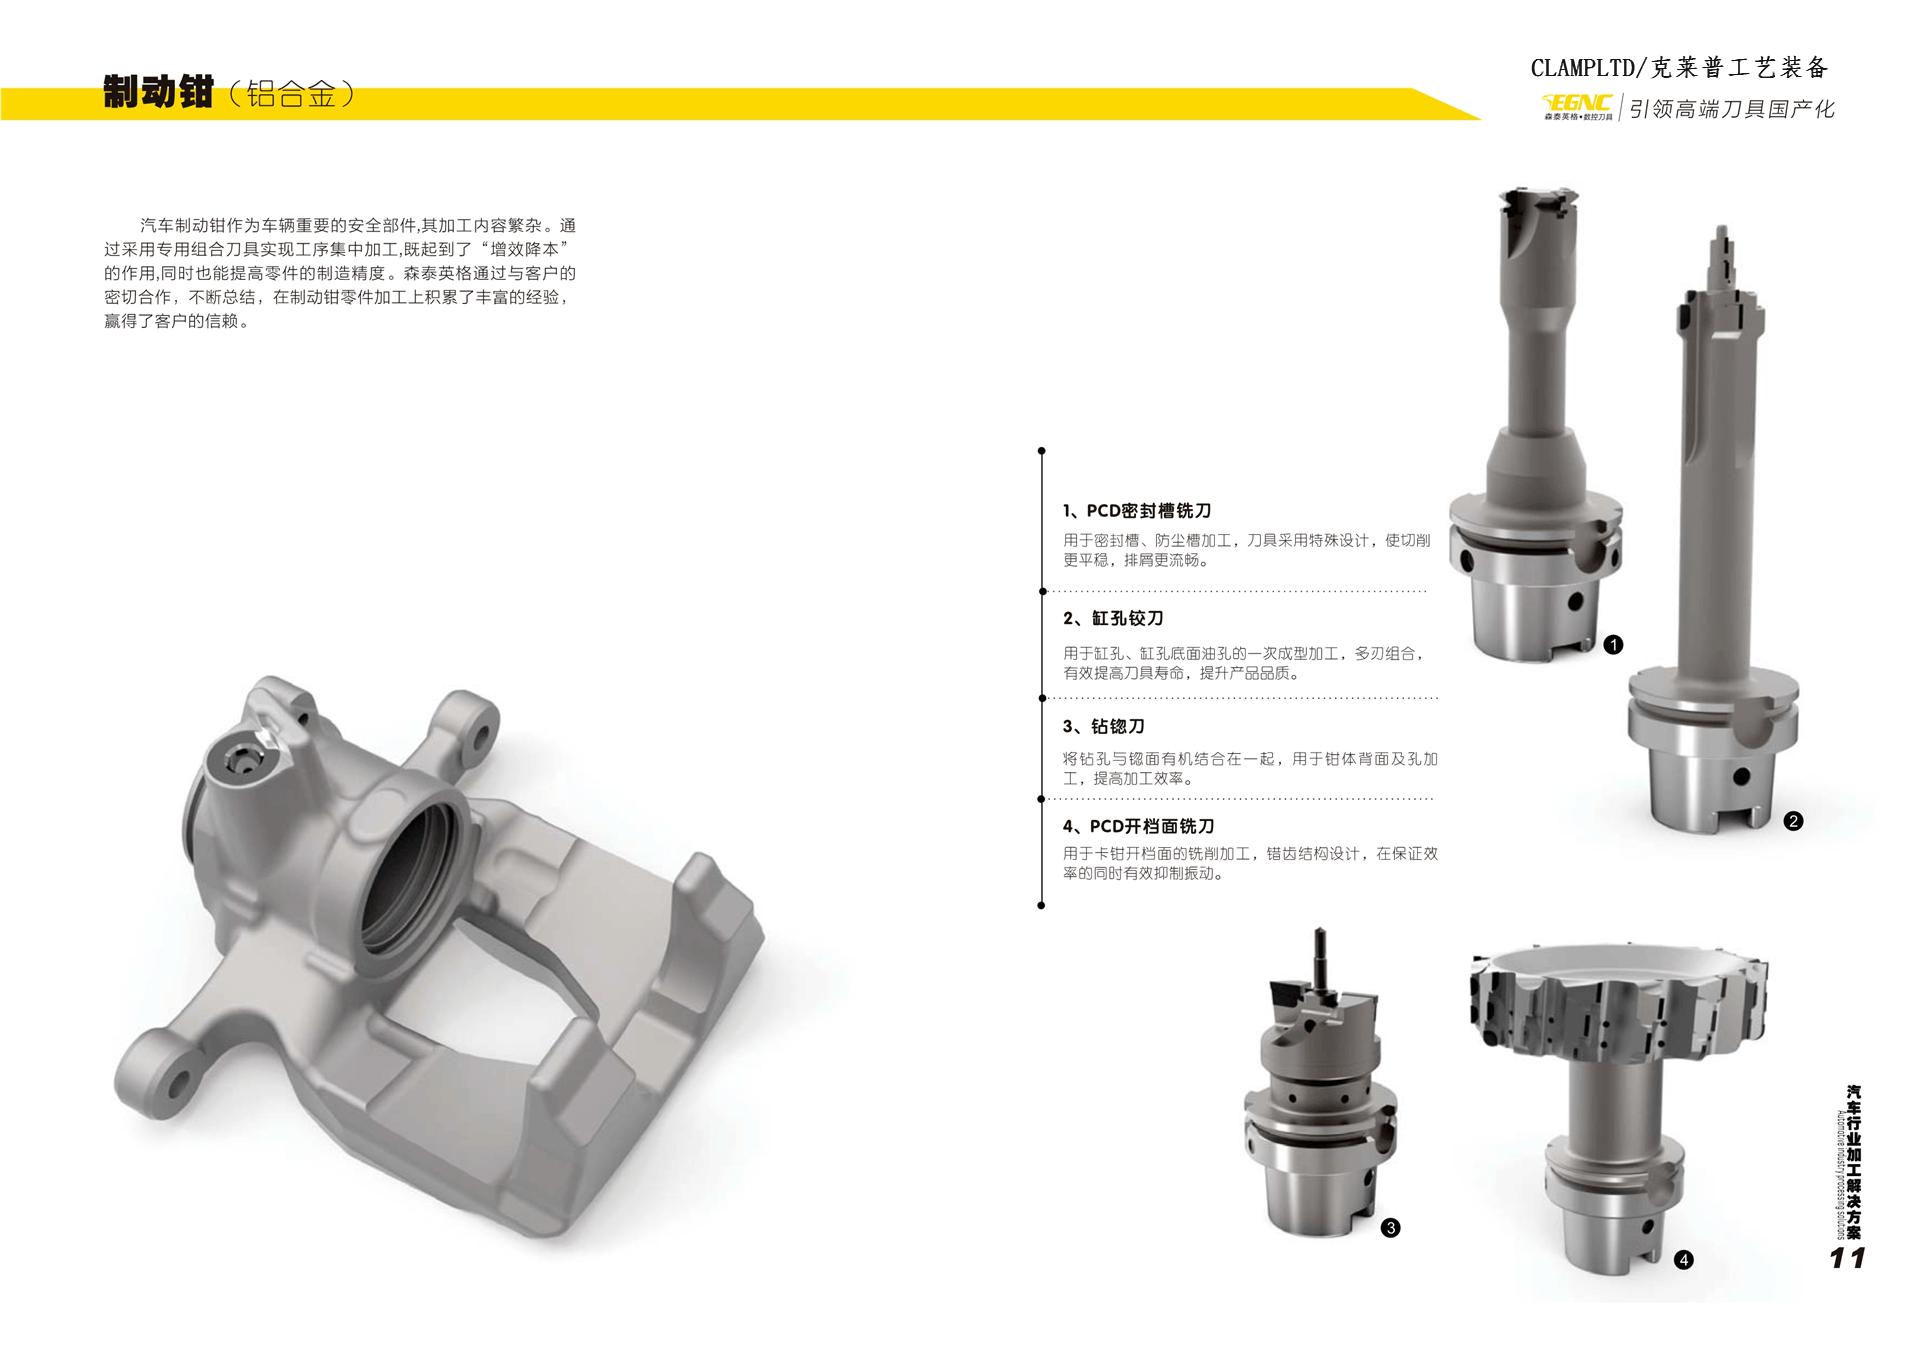 汽车零部件夹具刀具一体化解决方案 工装夹具应用 第5张